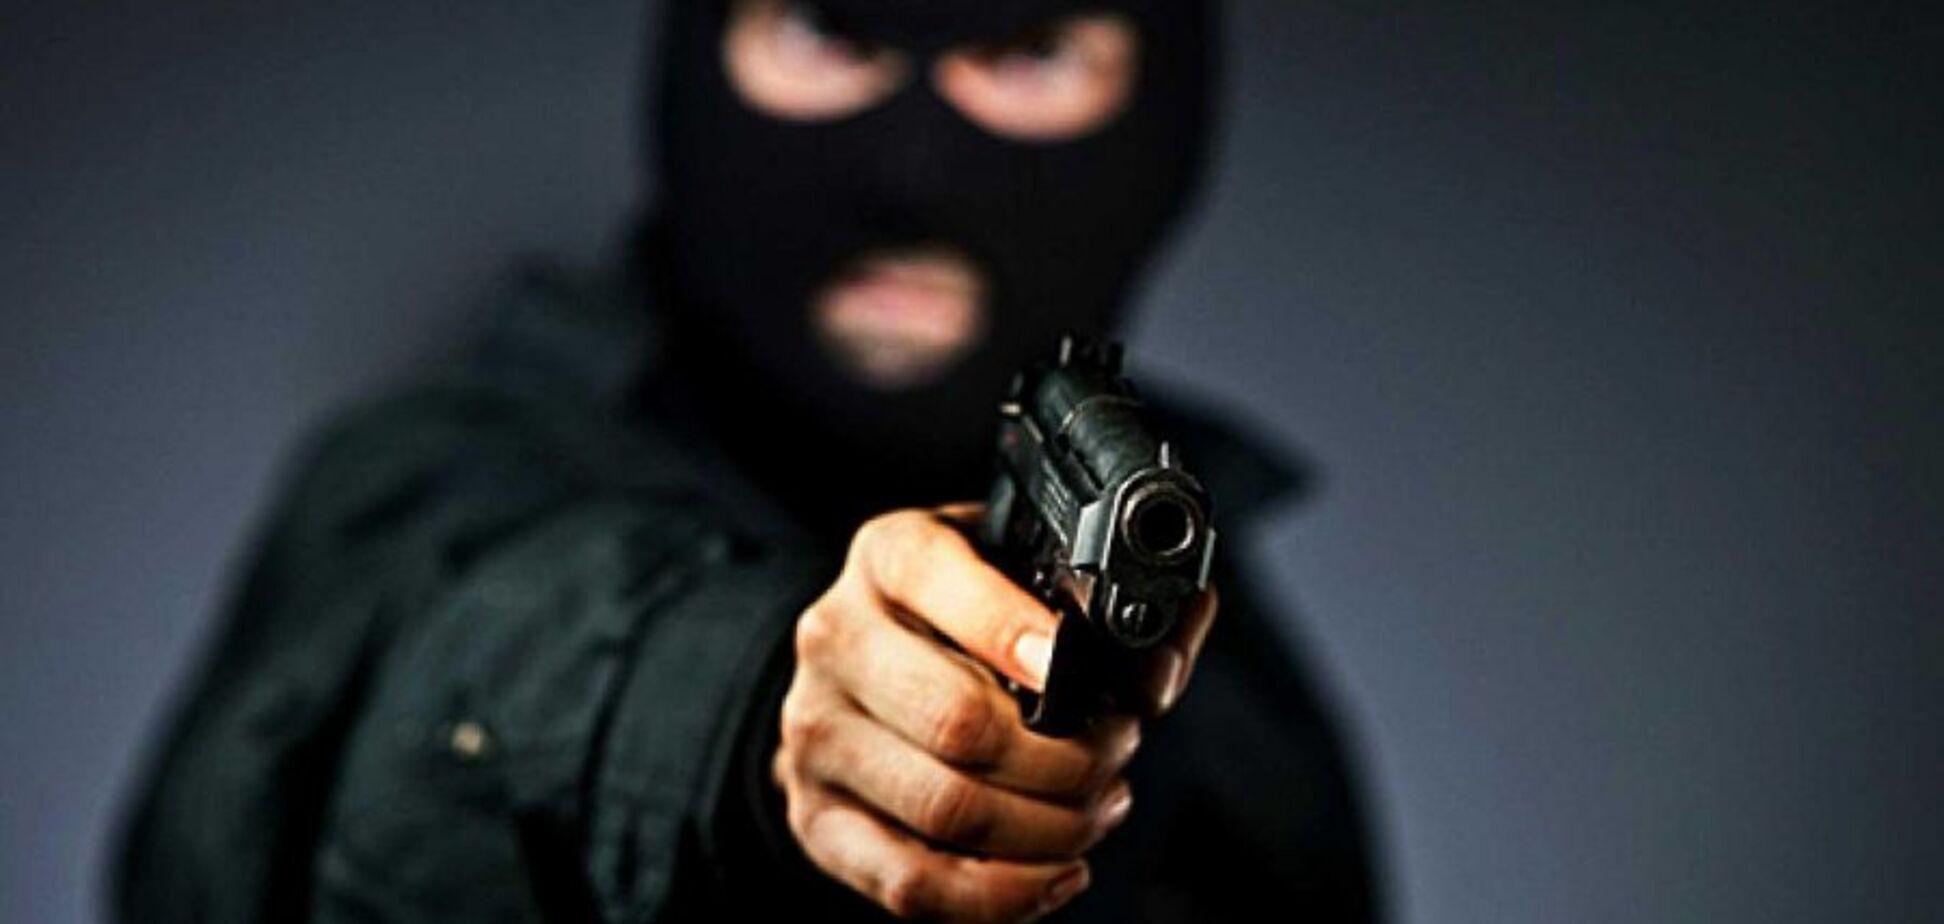 Розстріл екс-глави 'Укрспирту': підозрюваних затримано